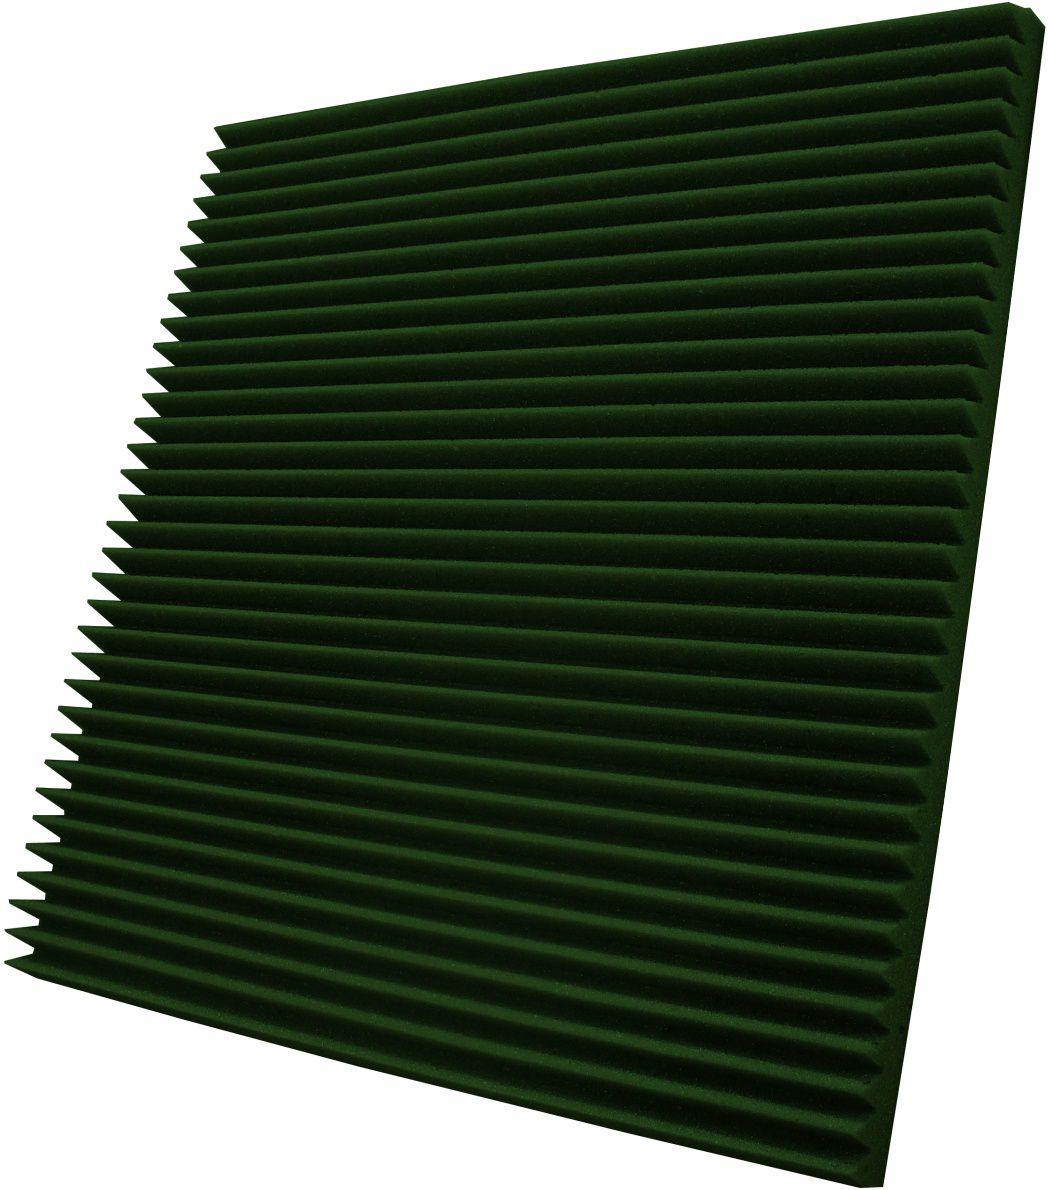 Espuma acústica Linha REV - W - Verde - Kit 4 peças (1m²) - 30mm  - Loja SPL Acústica